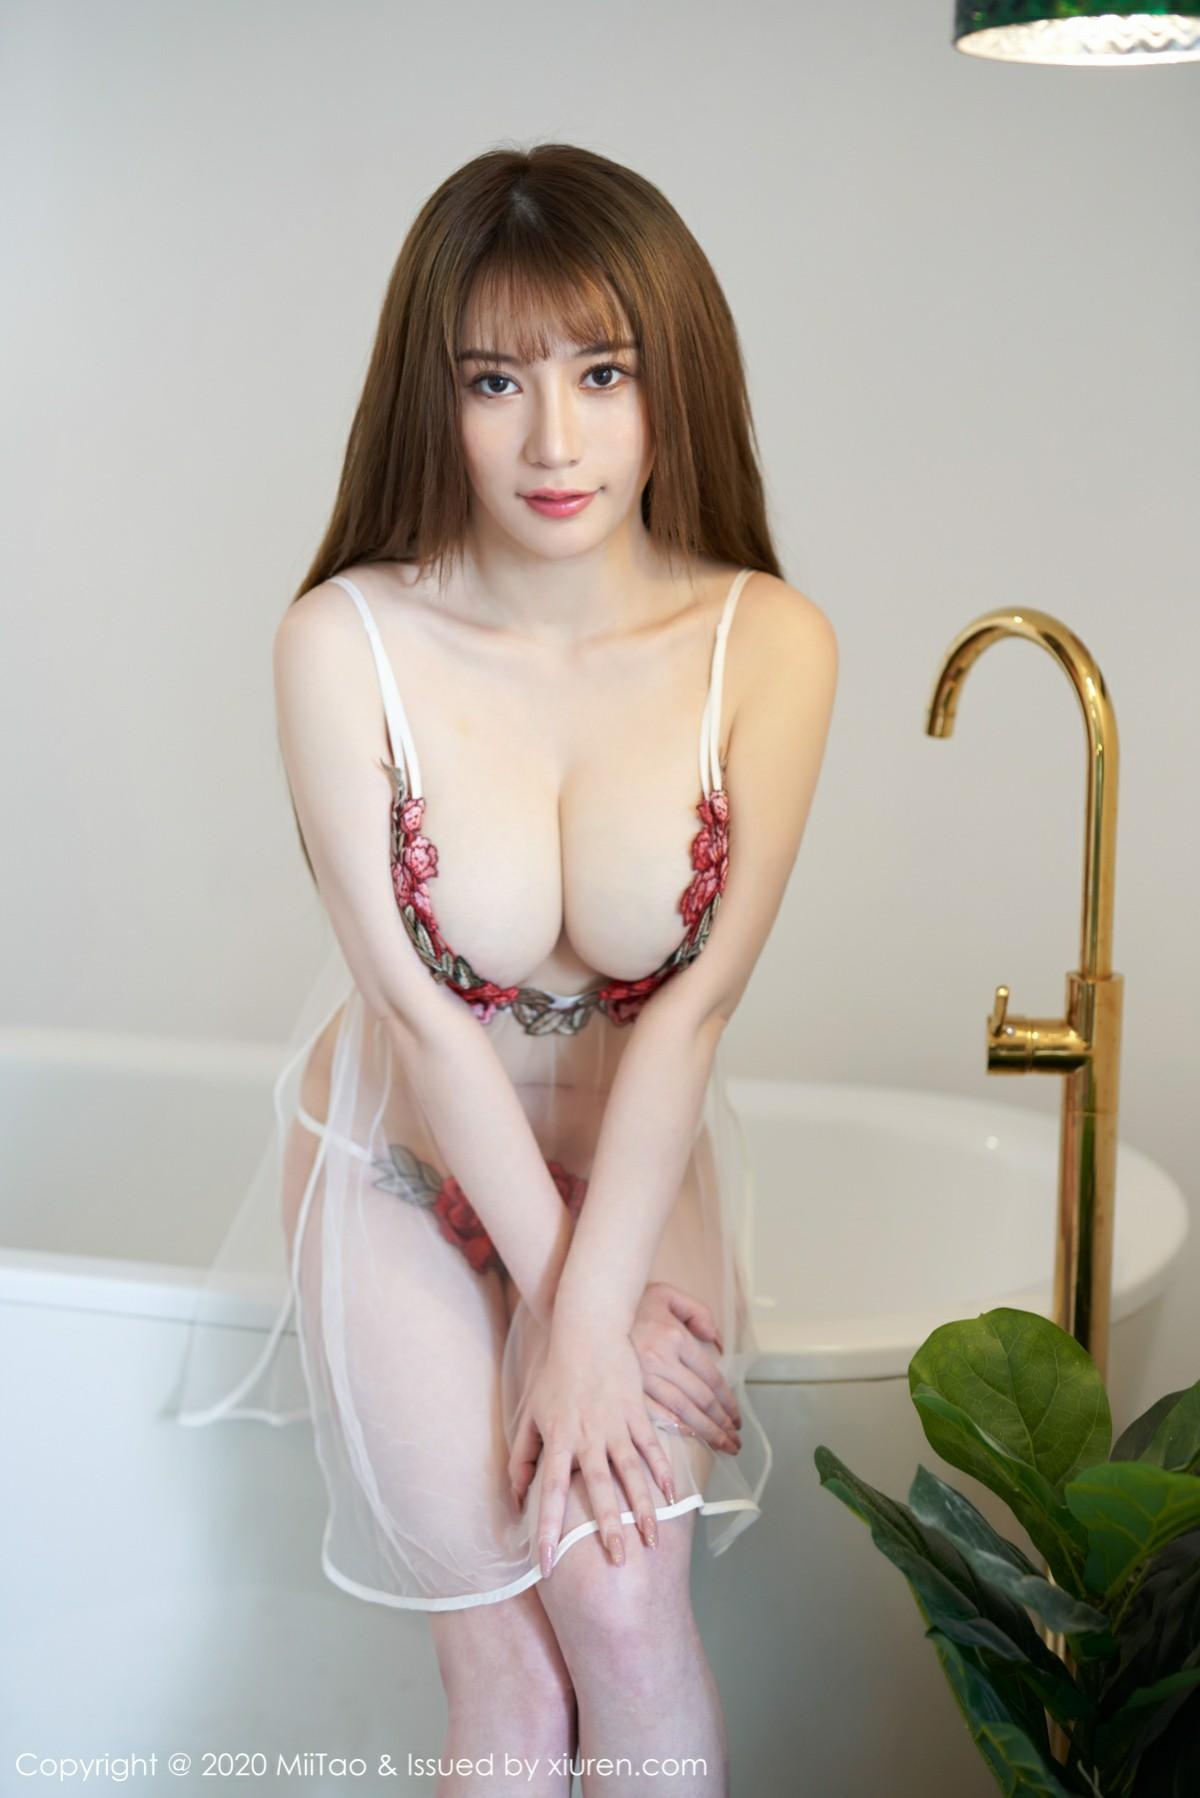 [MiiTao蜜桃社]2020.03.16 VOL.139 雪梨sherry[48P] 蜜桃社 第3张